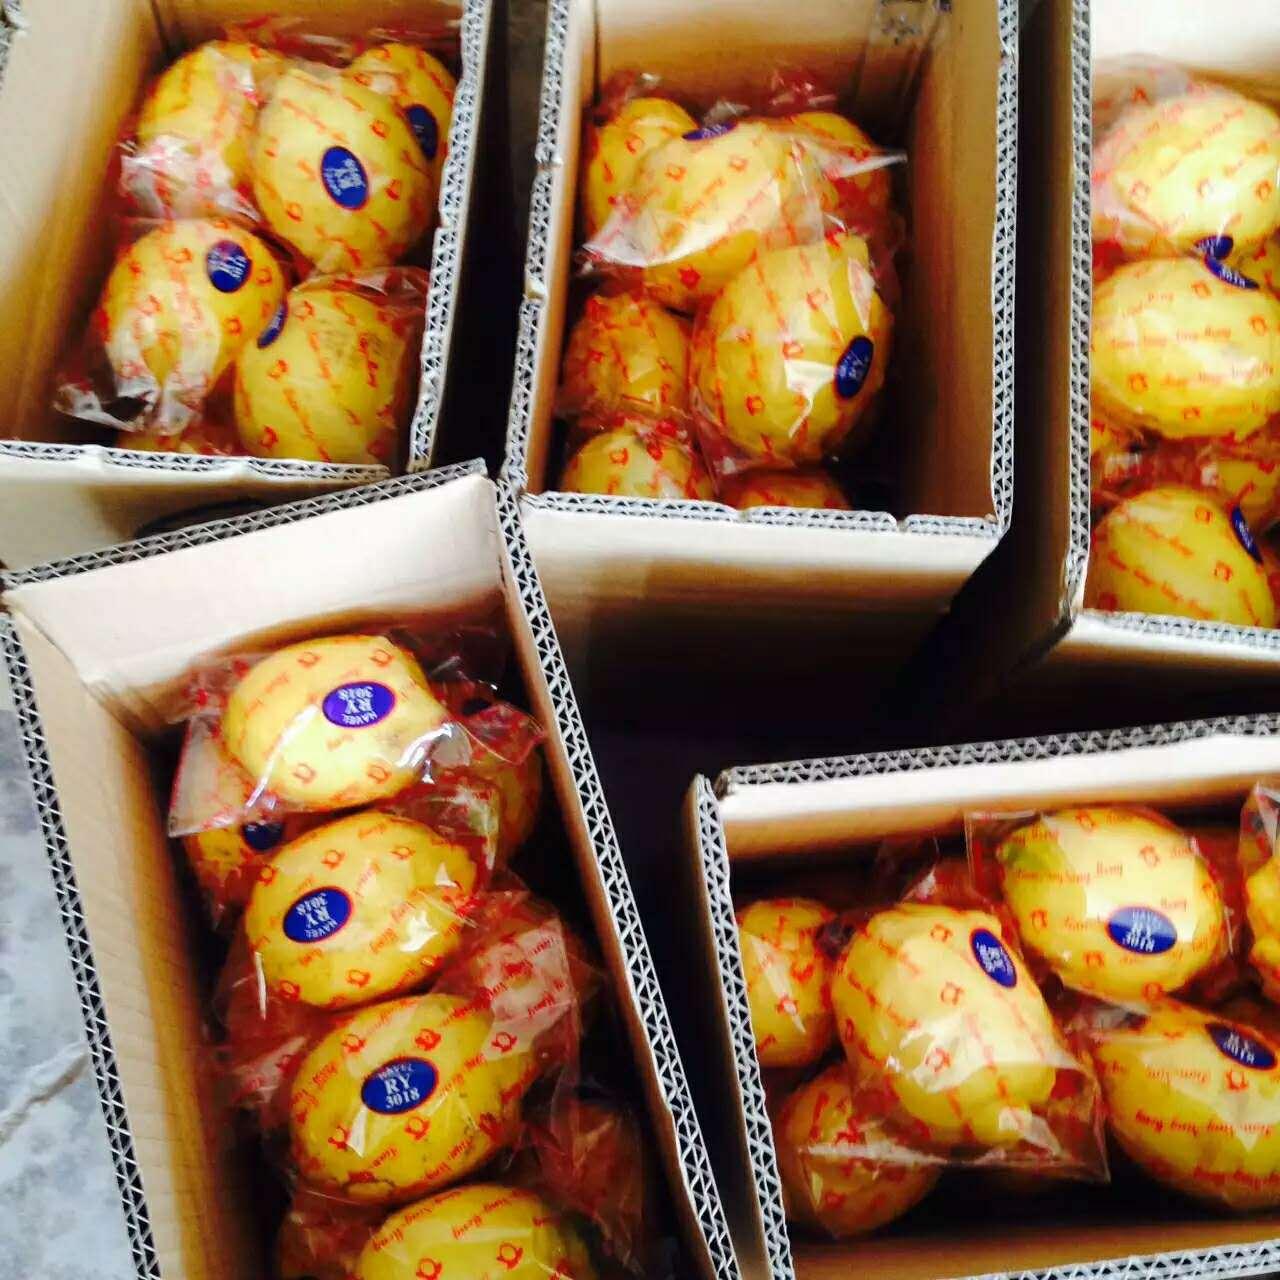 新鲜四川安岳黄柠檬二三级水果当季特产榨汁切片有坏包赔5斤包邮